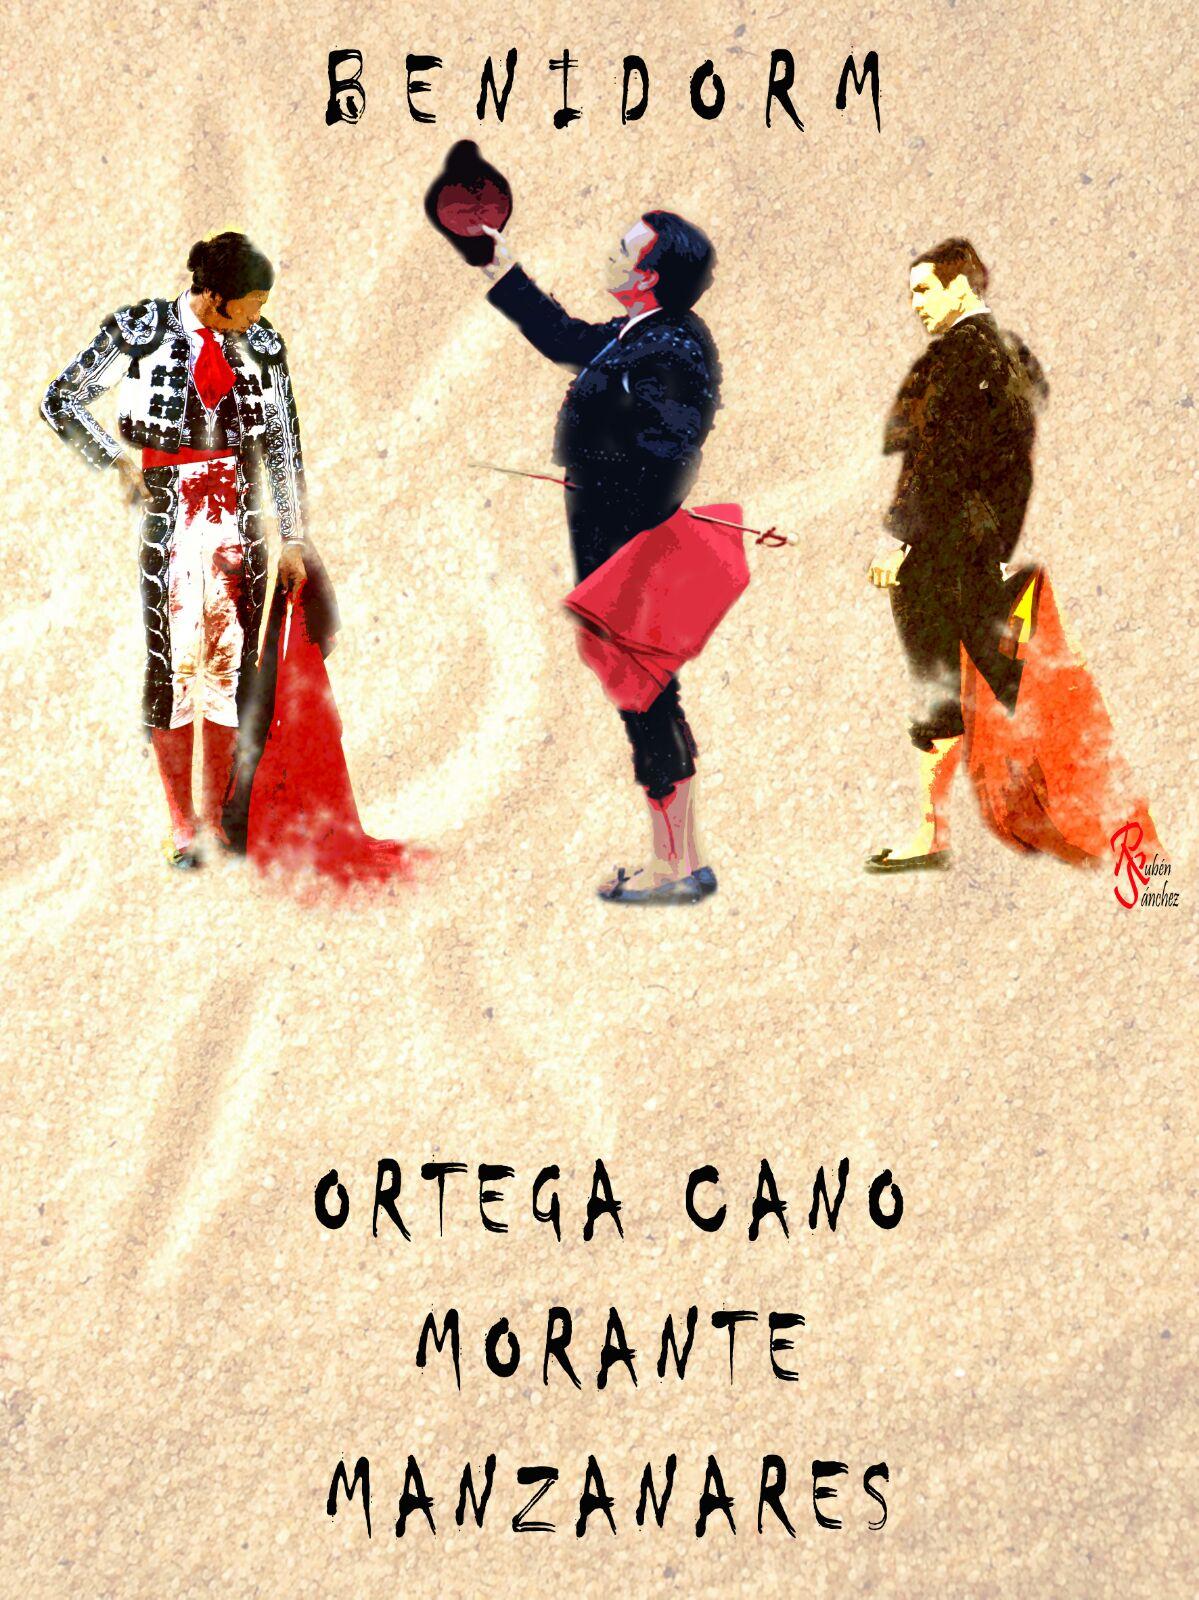 cartel-benidorm-ortegacano-morante-manzanares